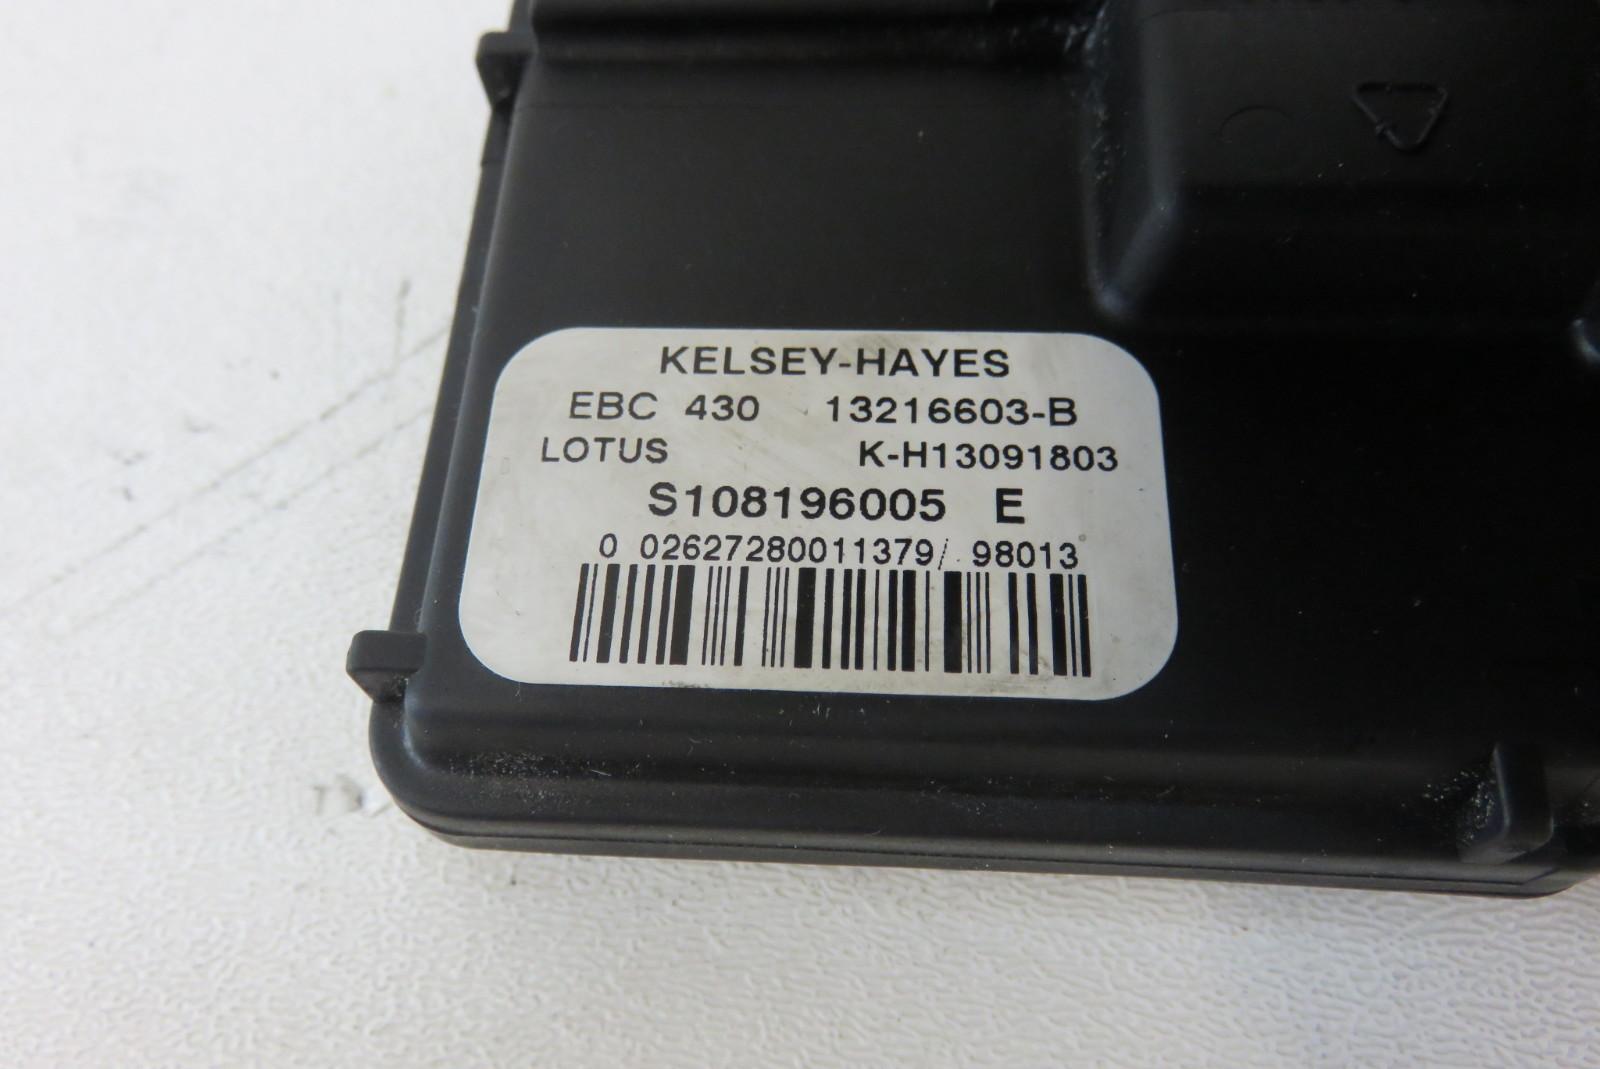 Kelsey Hayes Ke Controller Wiring Diagram on